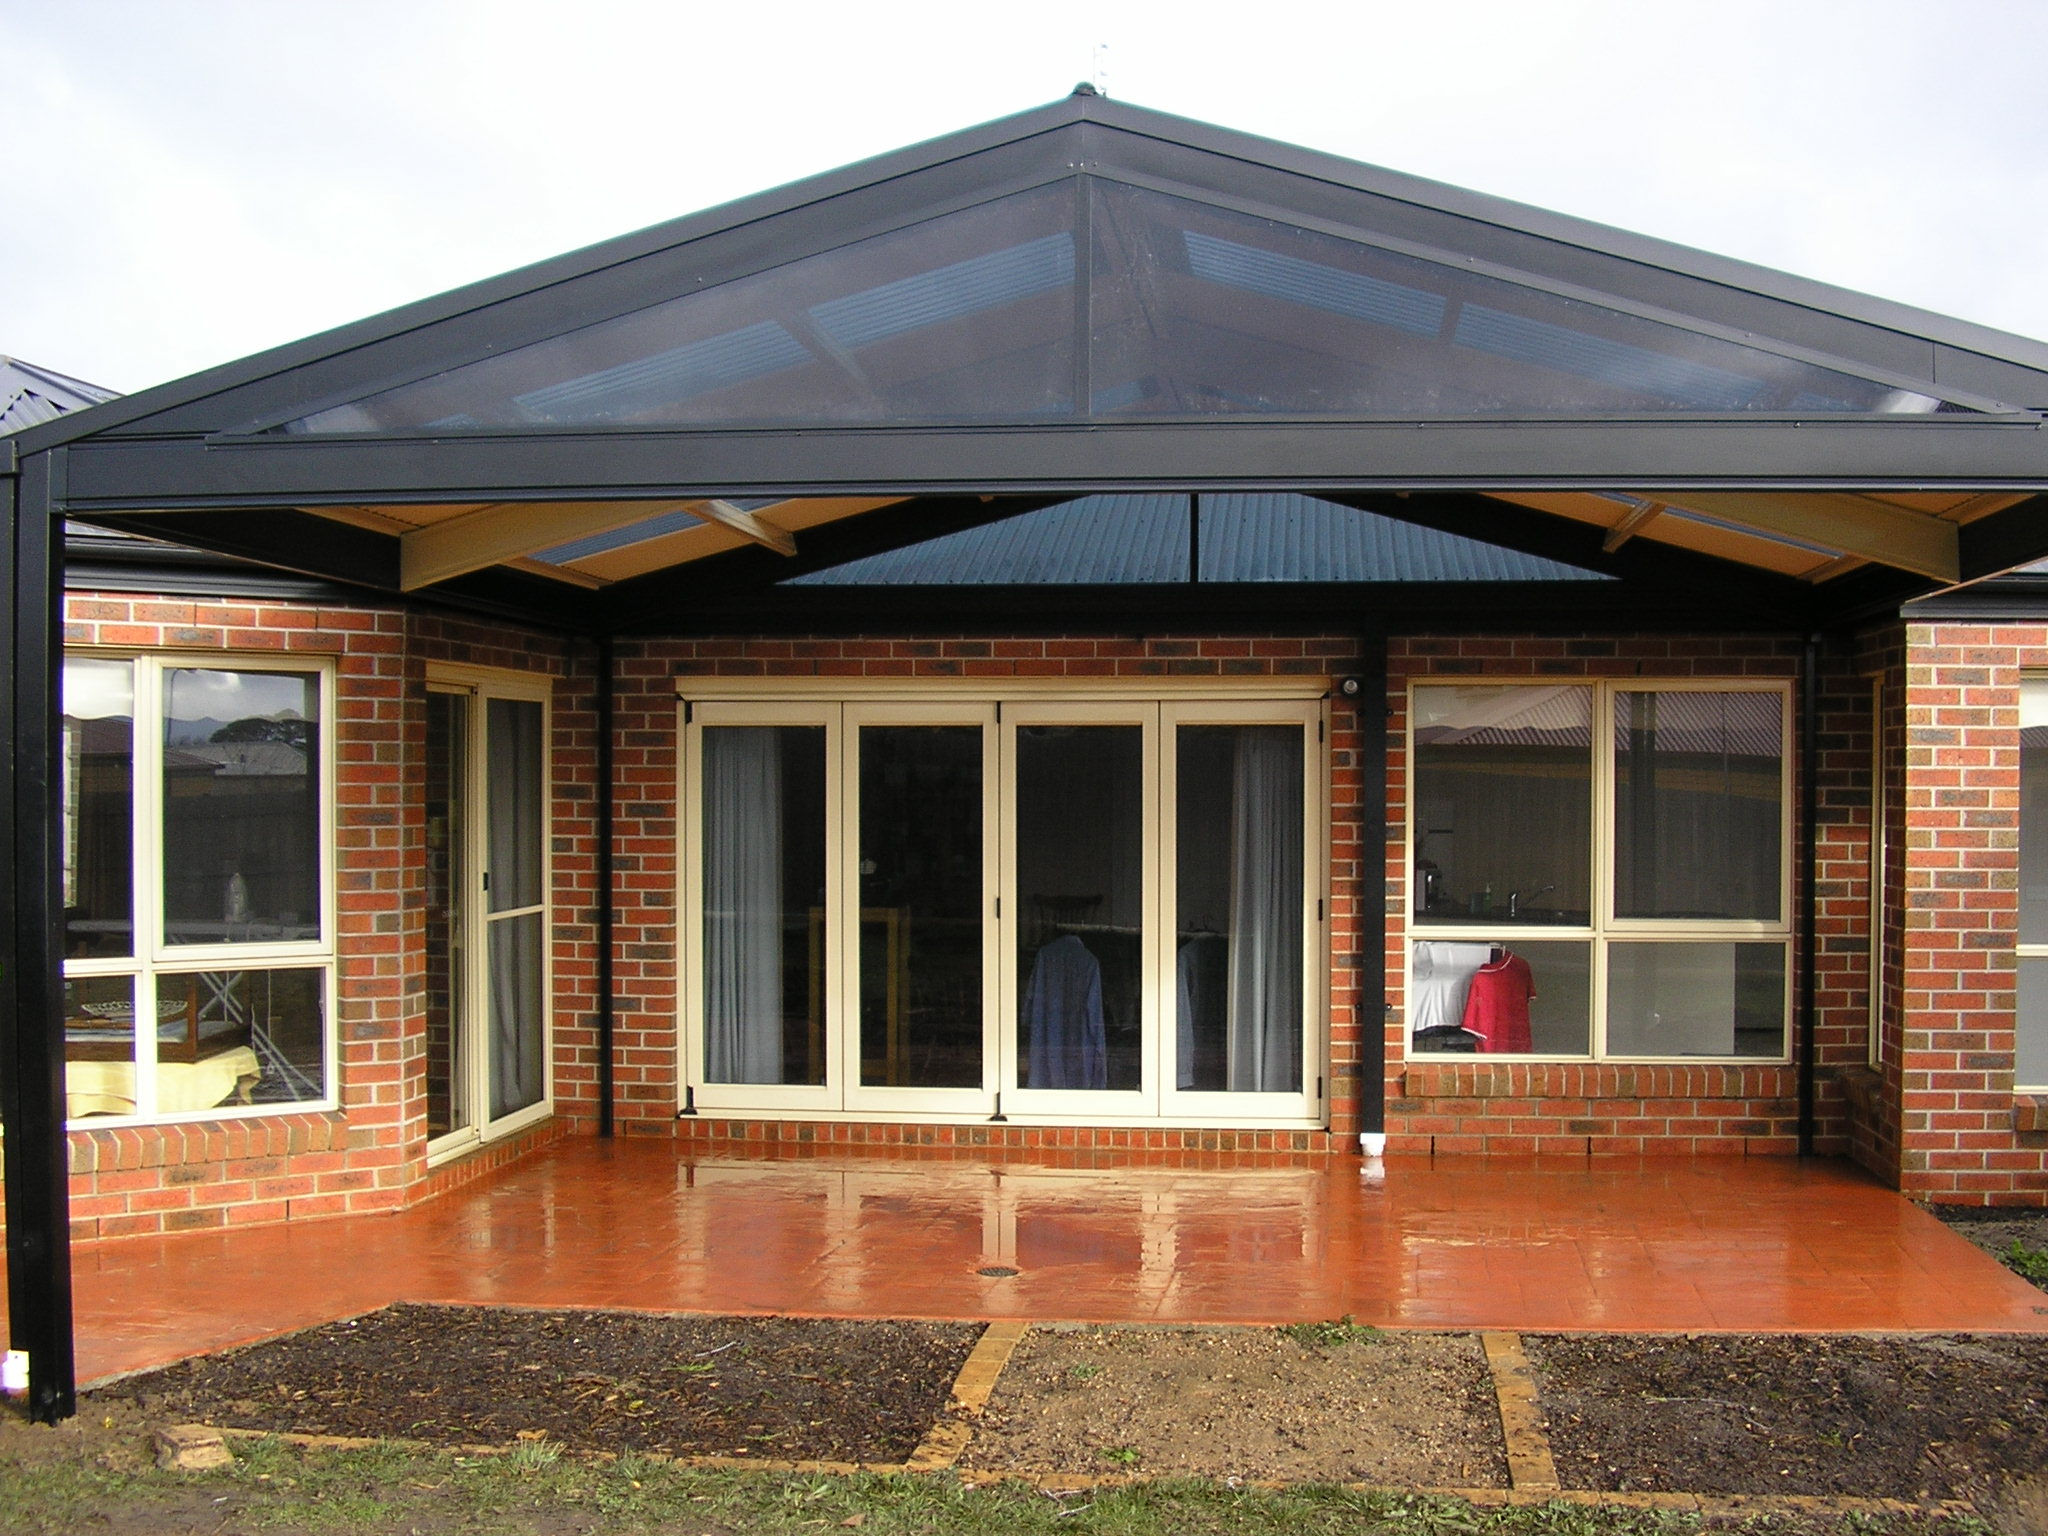 Roof Styles - Pergolas Plus